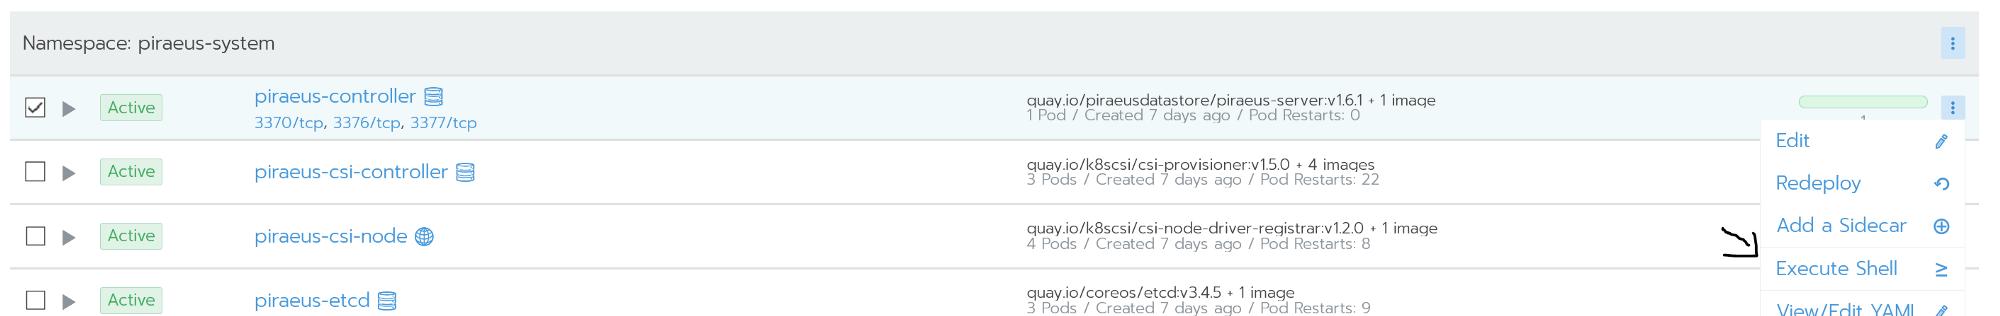 Состояние и производительность решений для постоянного хранения данных в Kubernetes - 7